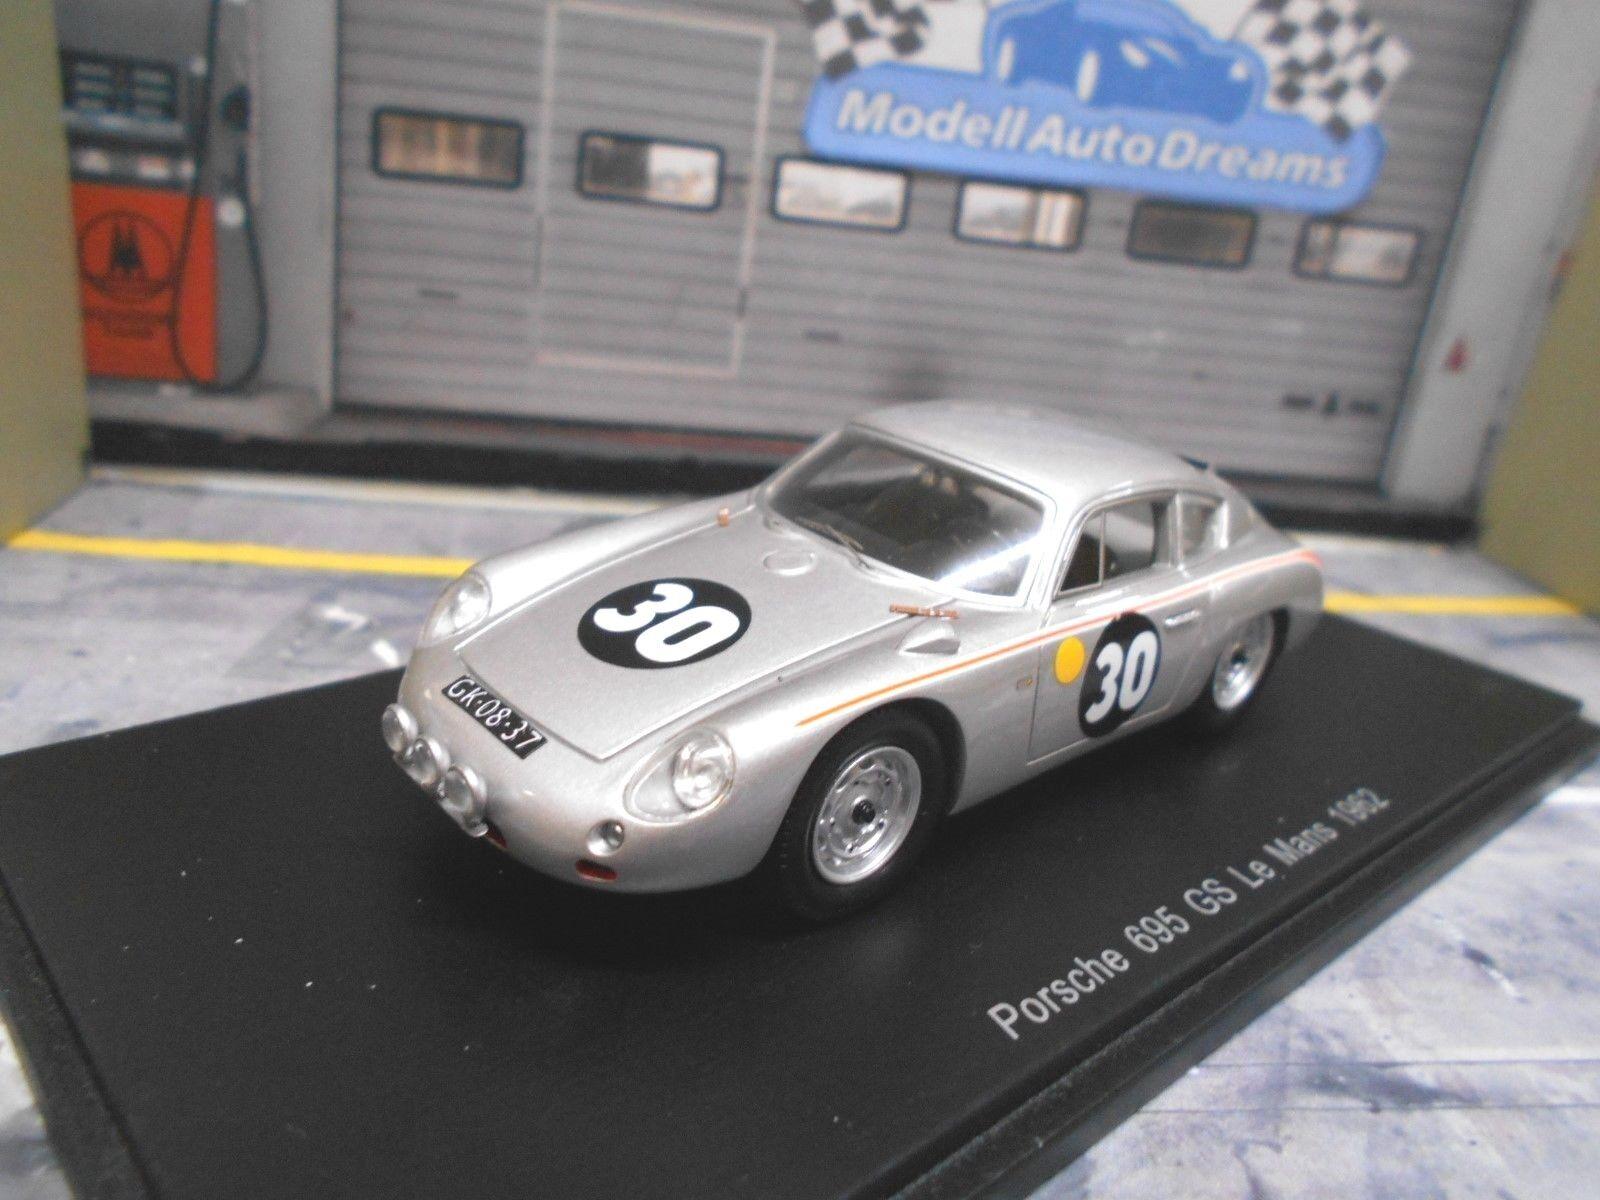 PORSCHE 695 Gs abarth coupé Le Mans 1962  30 Pon Godin Beaufort Spark 1 43